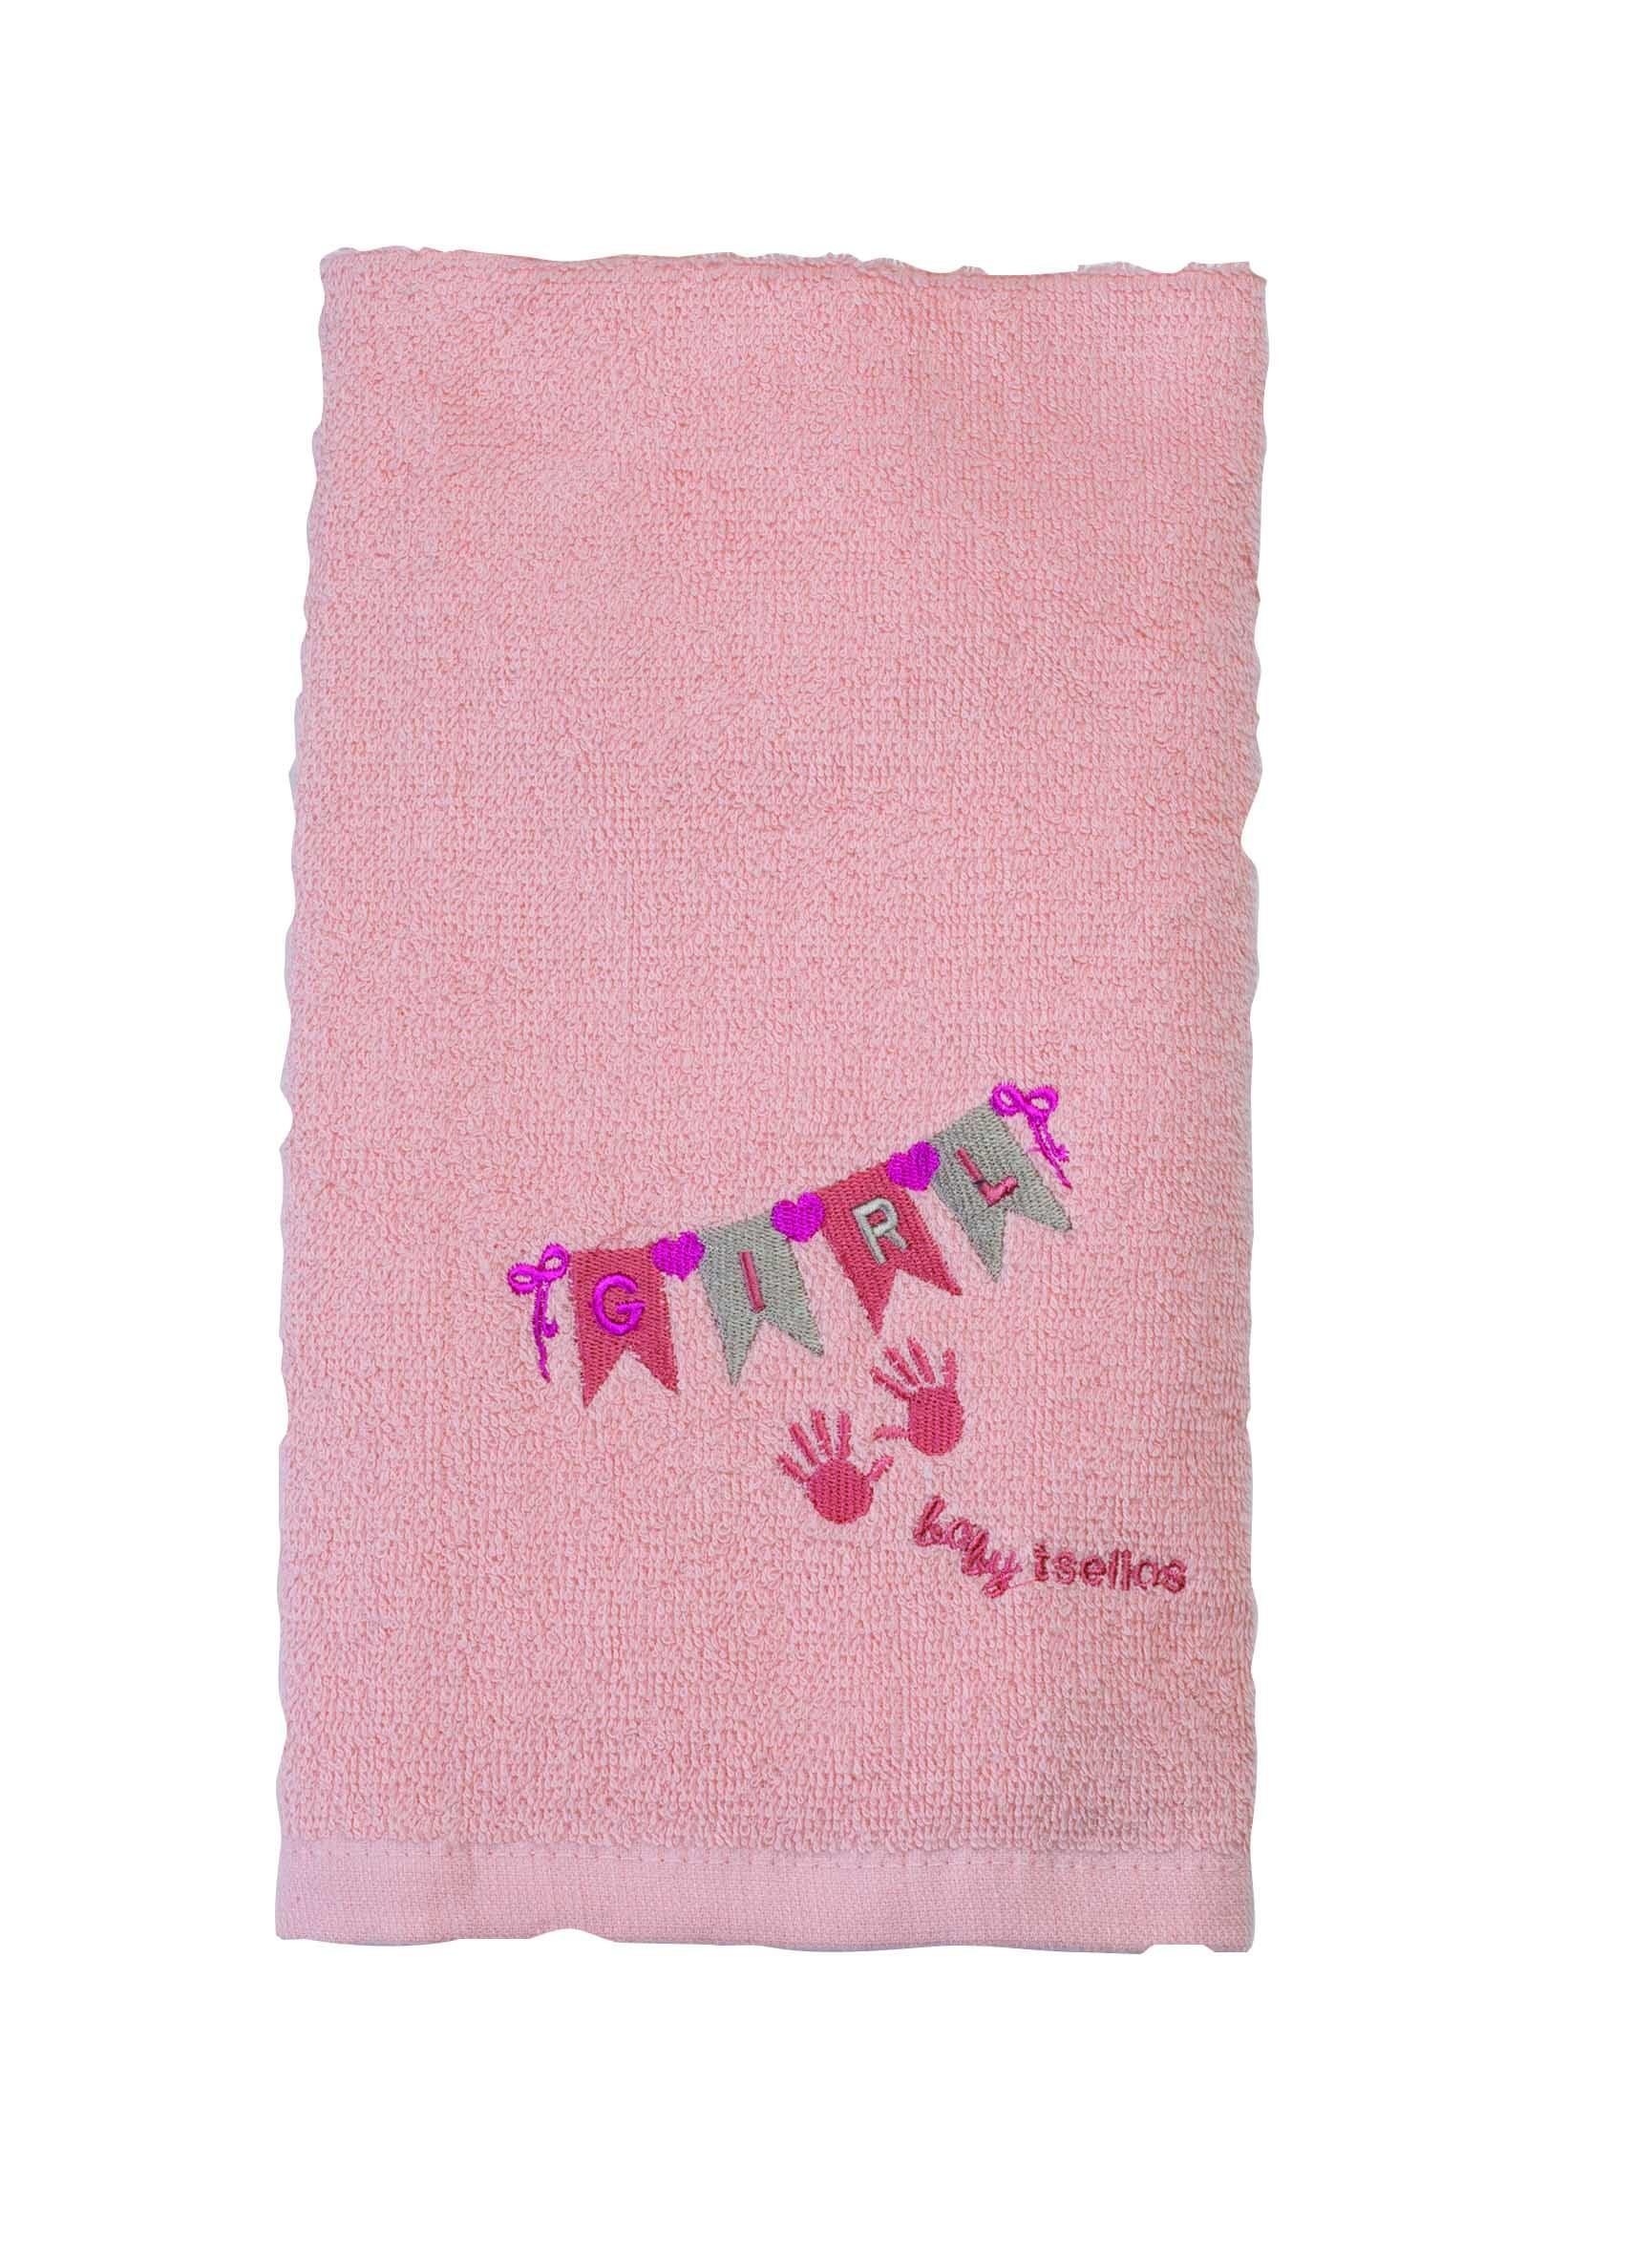 Βρεφικές Πετσέτες (Σετ 2τμχ) Makis Tselios Baby Party Pink